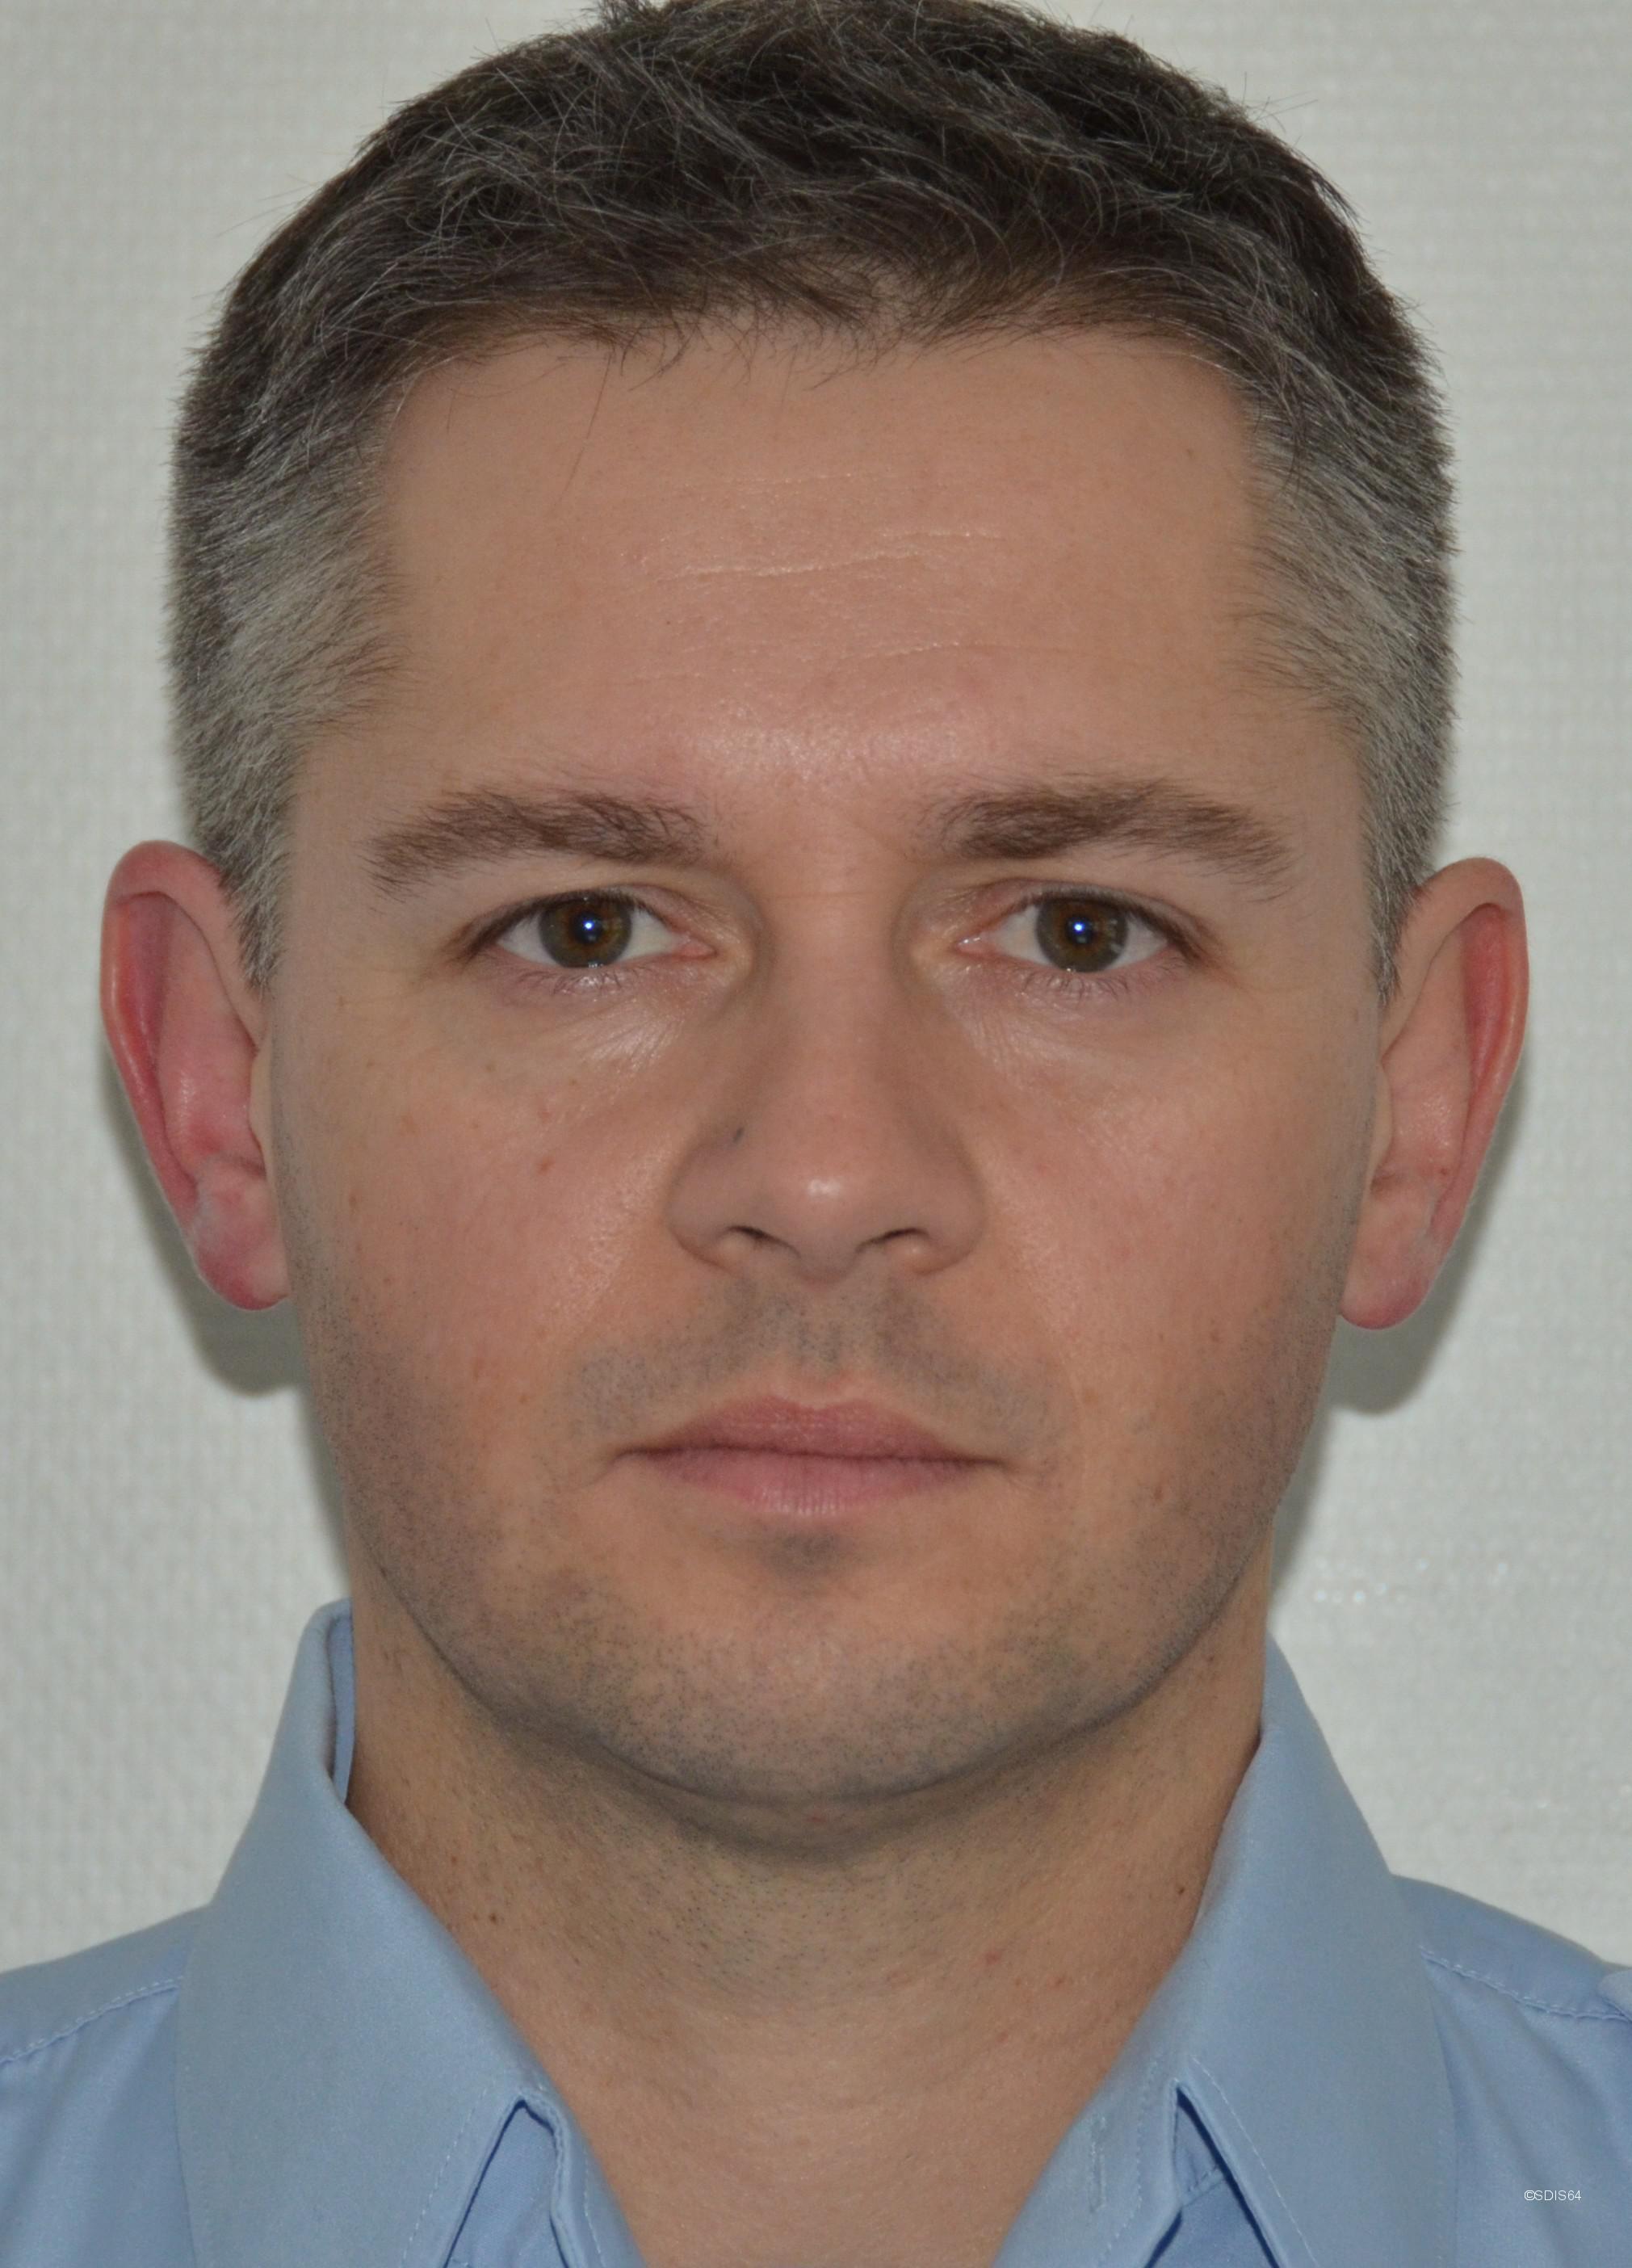 Lt-colonel FORÇANS